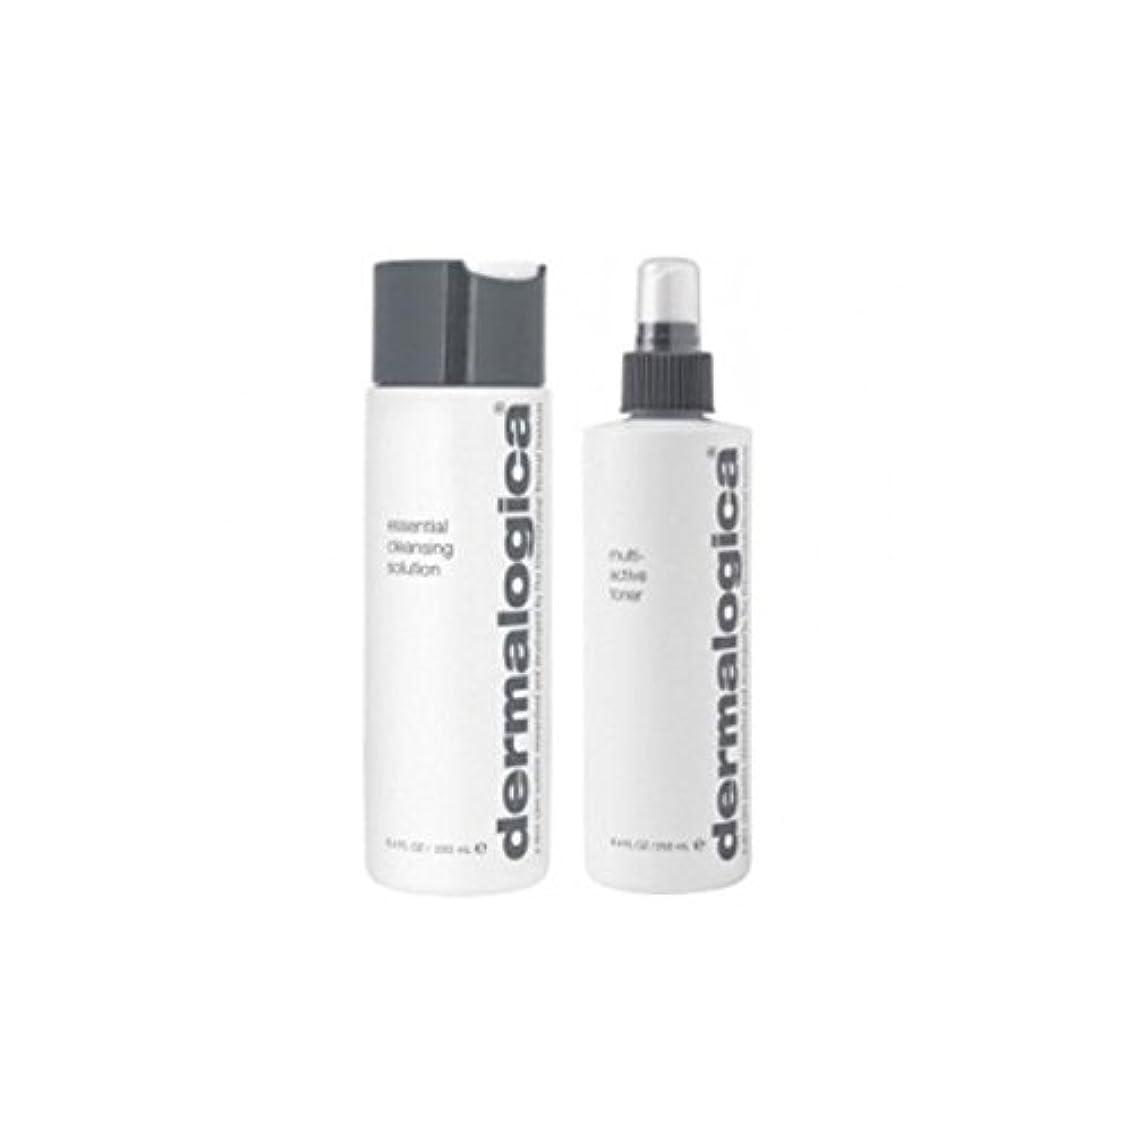 支援人質偽装するダーマロジカクレンジング&トーンデュオ - 乾燥肌 x2 - Dermalogica Cleanse & Tone Duo - Dry Skin (Pack of 2) [並行輸入品]